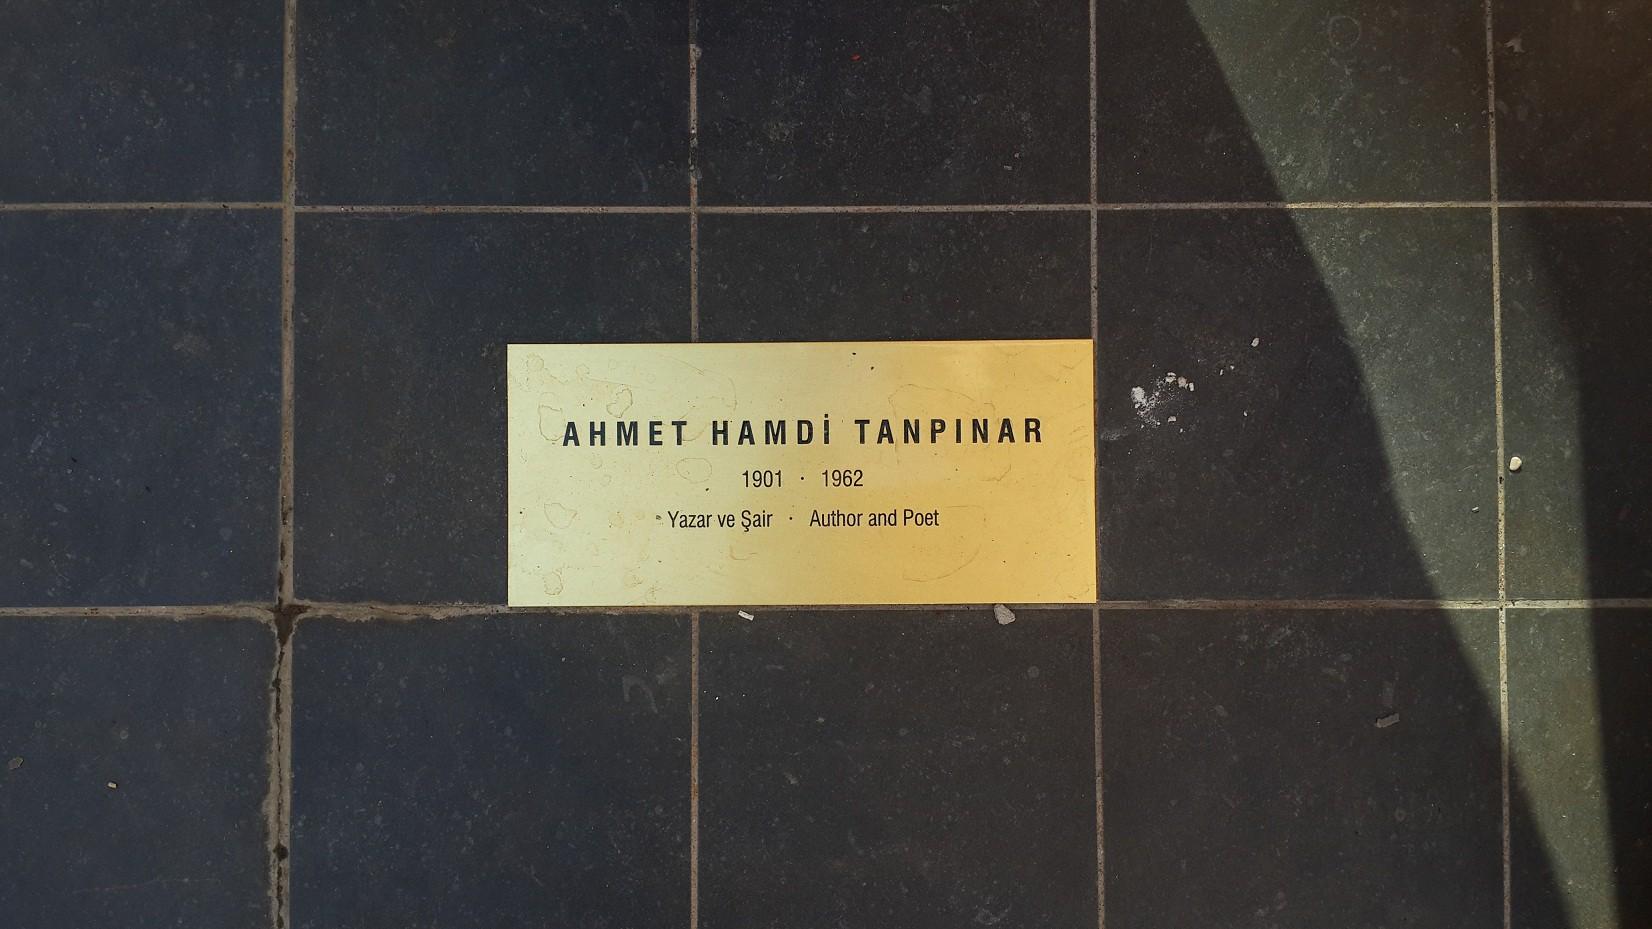 Sair ve Yazar Ahmet Hamdi Tanpınar'ın heykeli ile karşılaşmak büyük bir heyecandı. Onun gibi bu handa daha önce çalışma ofisi olmuş unutulmaz isimlerin heykelleri, hatta hanla bütünleşmiş kedilerin de heykellerini görmek hanın onca değişen mimarisinin verdiği şaşkınlığına sıcaklığını bırakmıştı.